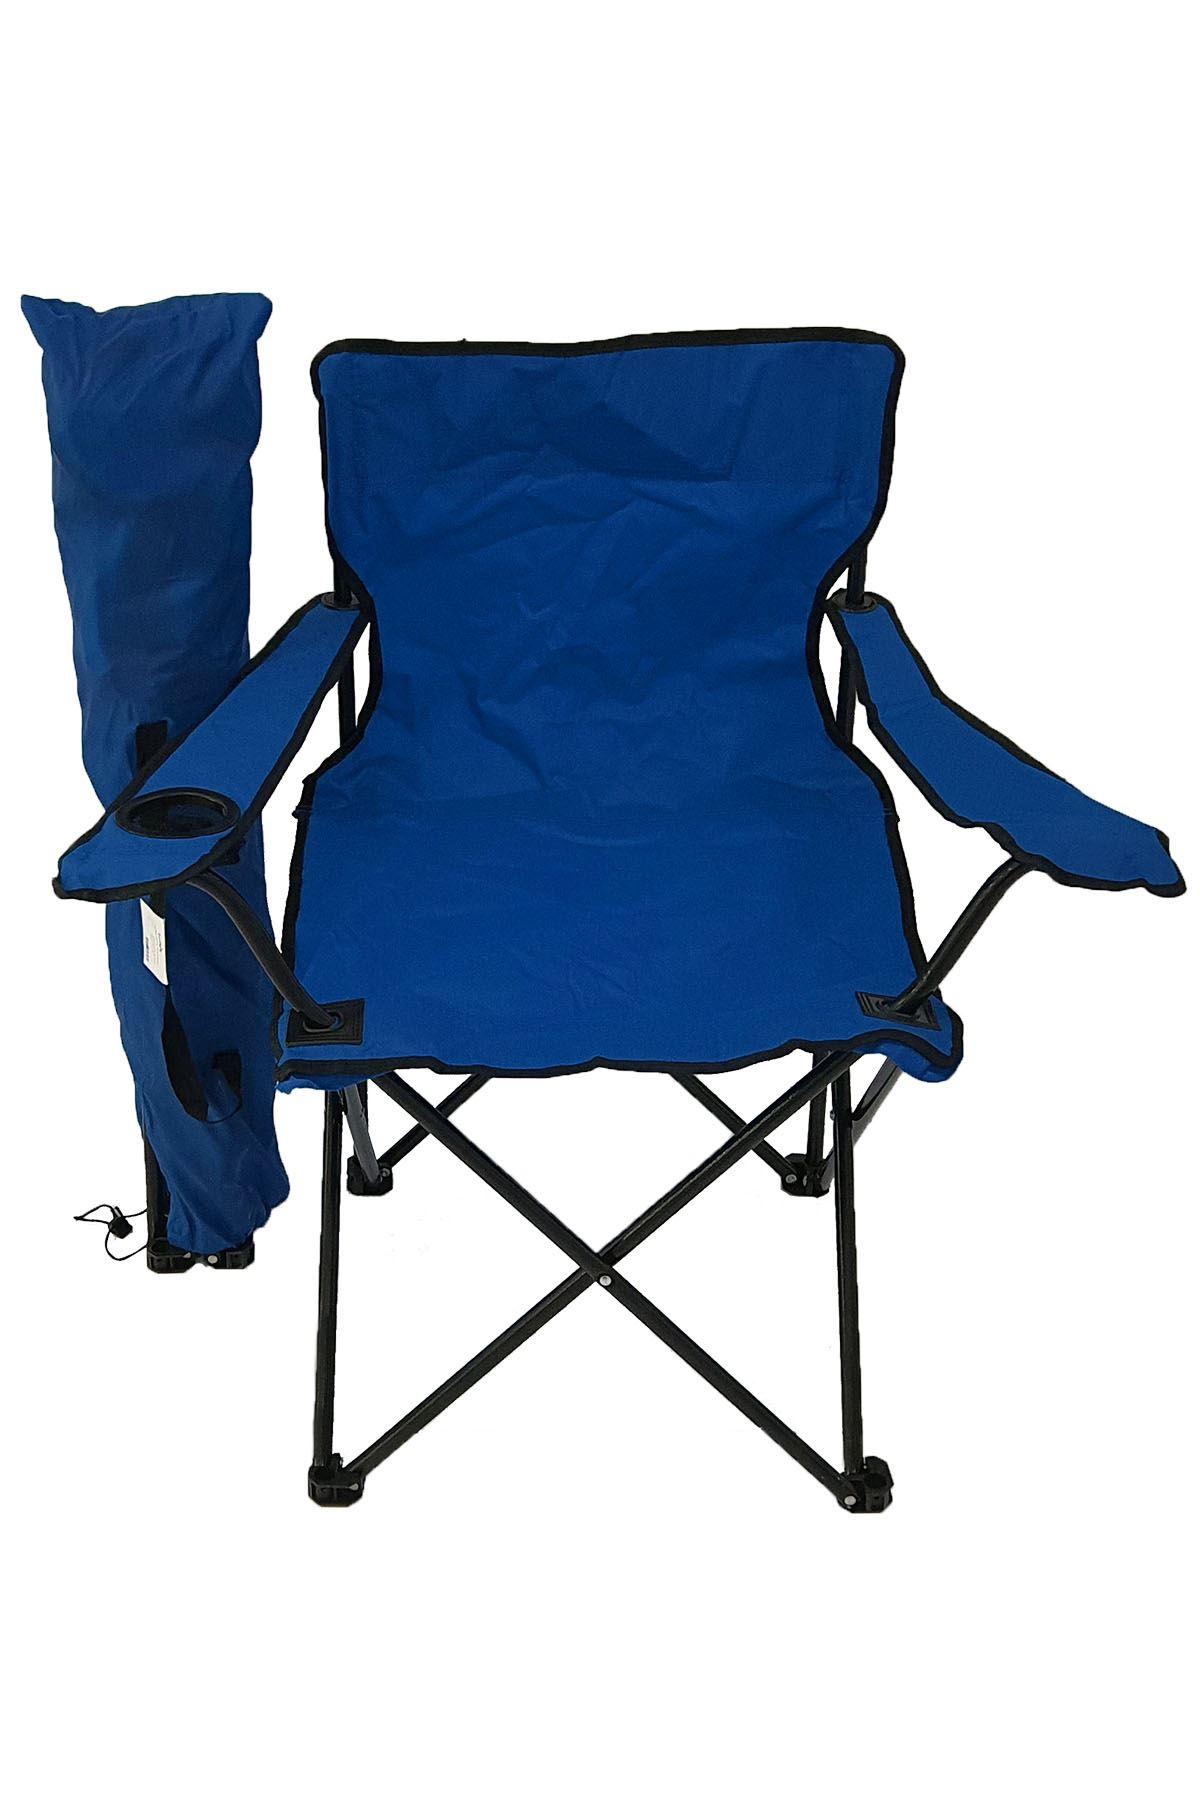 Bofigo Kamp Sandalyesi Piknik Sandalyesi Katlanır Sandalye Taşıma Çantalı Kamp Sandalyesi Mavi